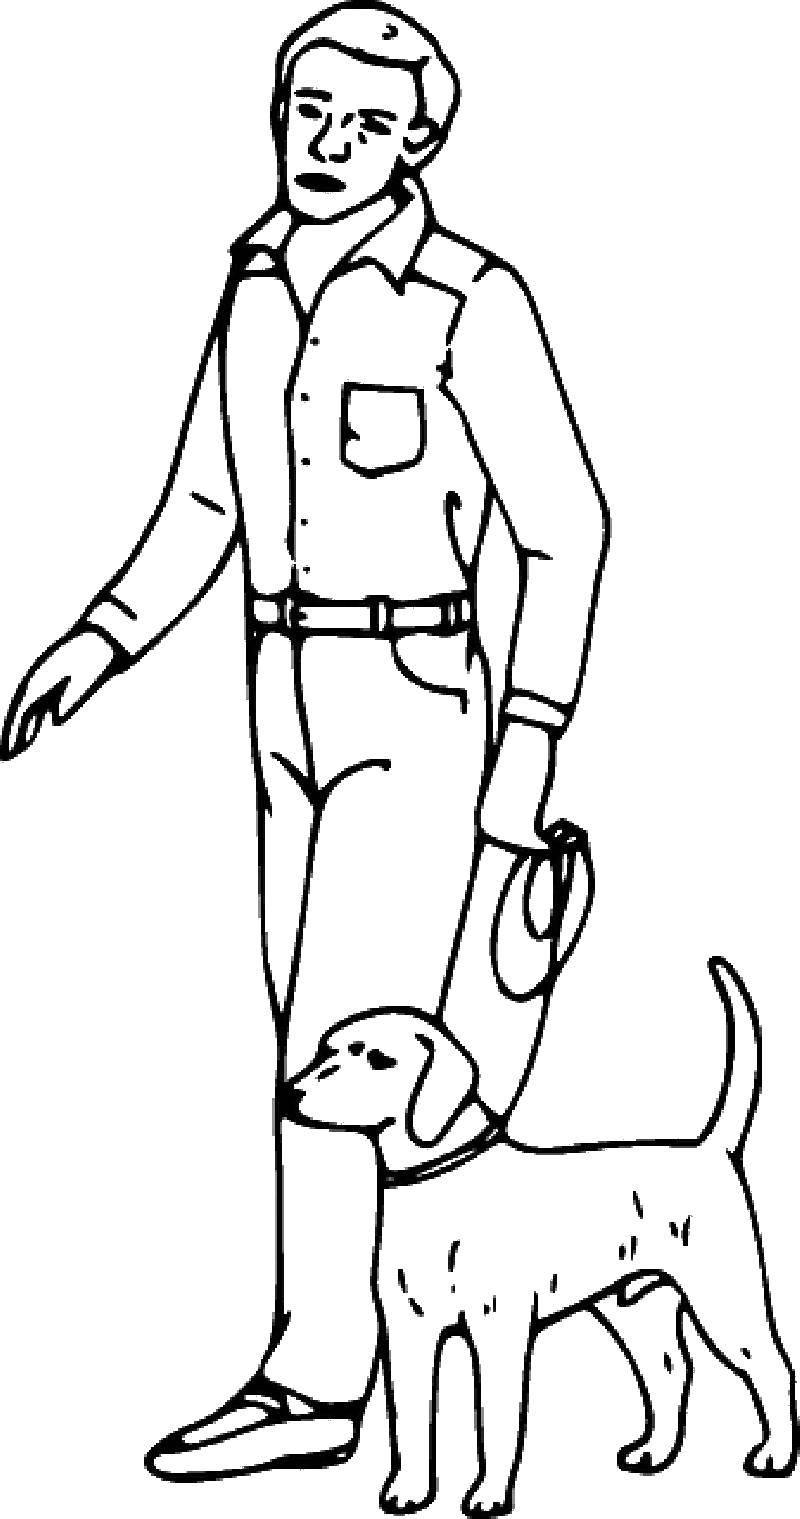 Раскраска Мужчина выгуливает собаку Скачать человек, собака.  Распечатать ,Контуры человека для вырезания,